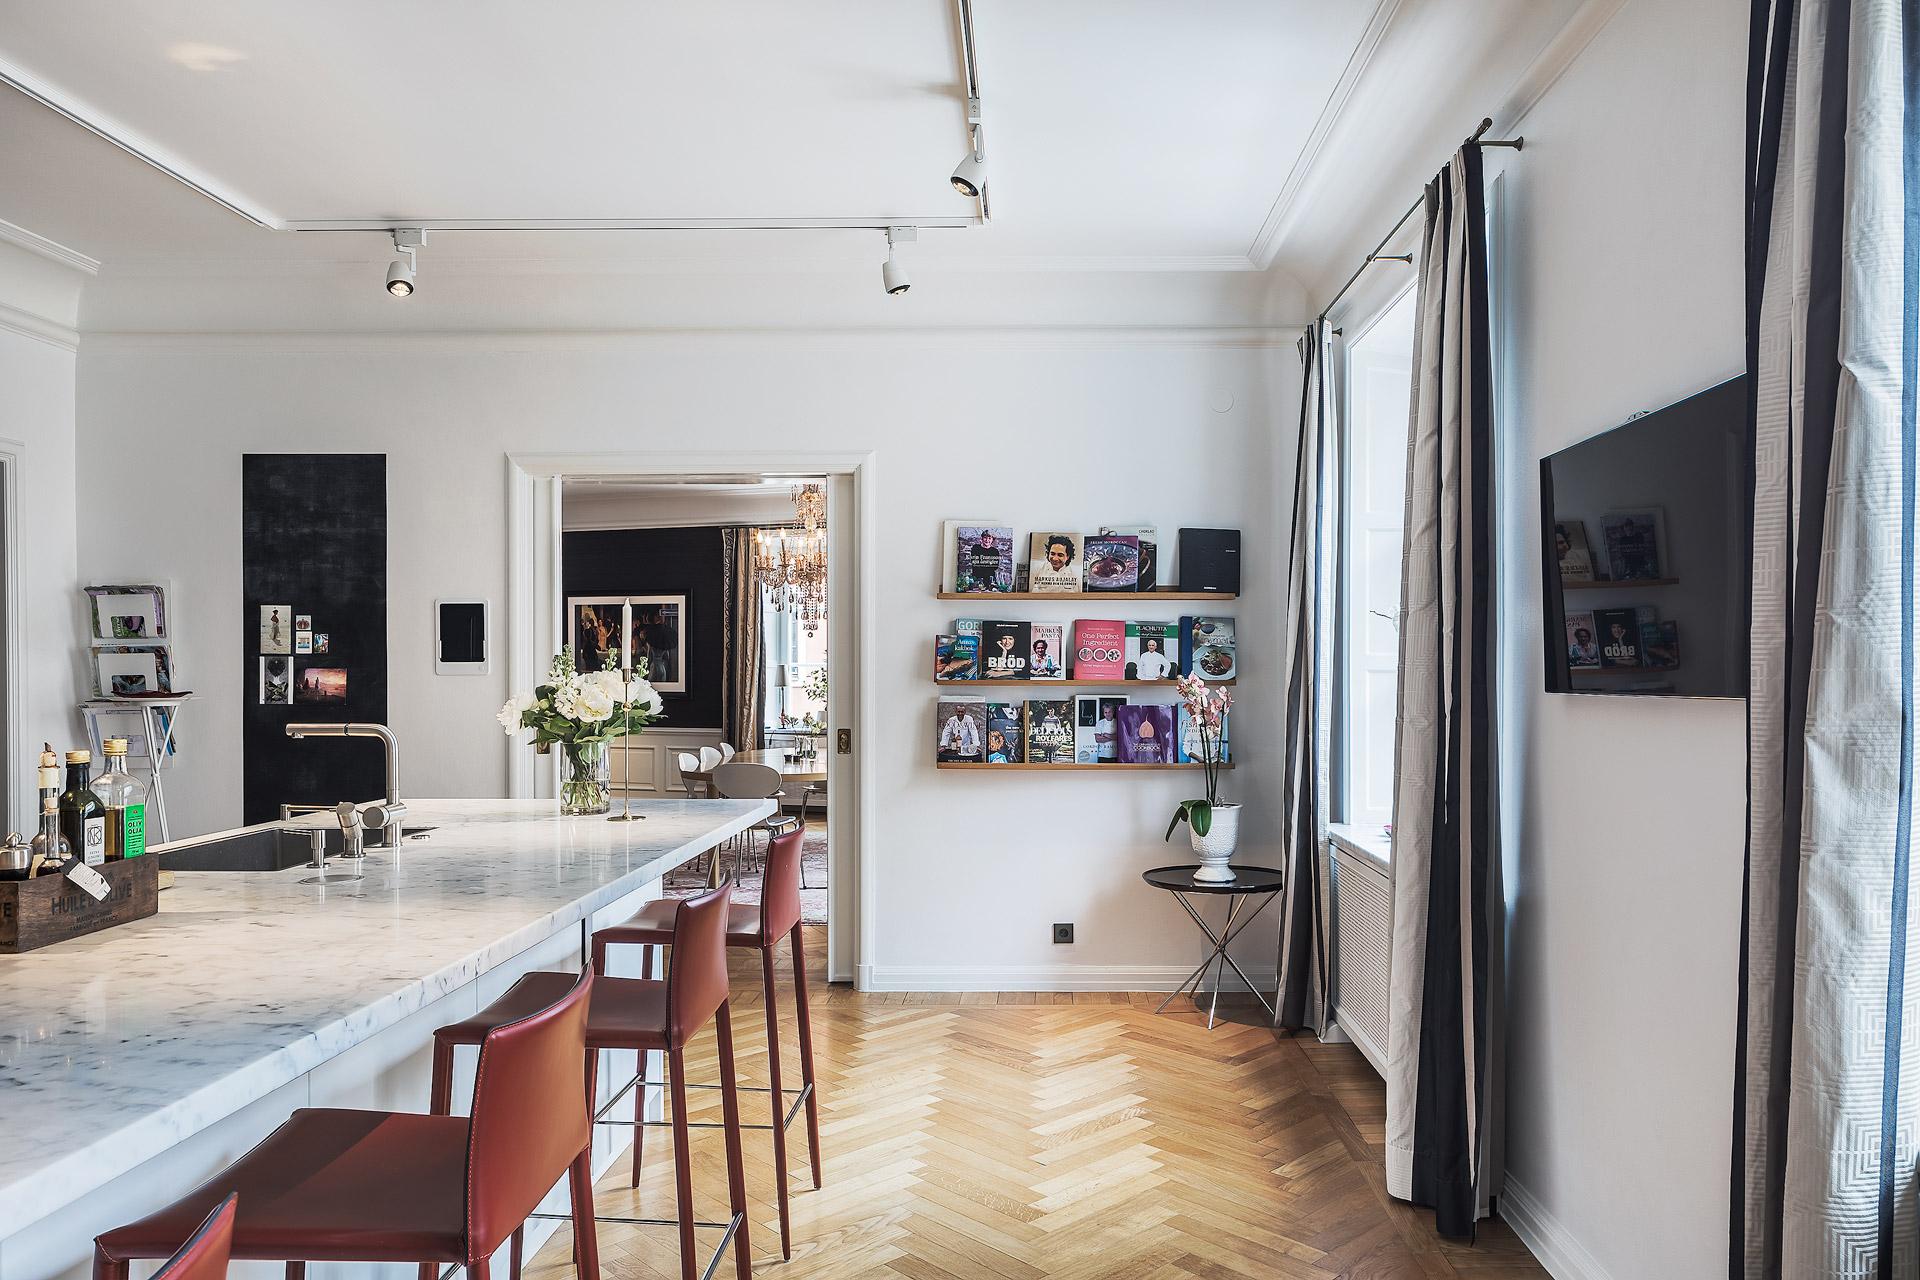 кухня кухонный остров барные стулья книжные полки паркет